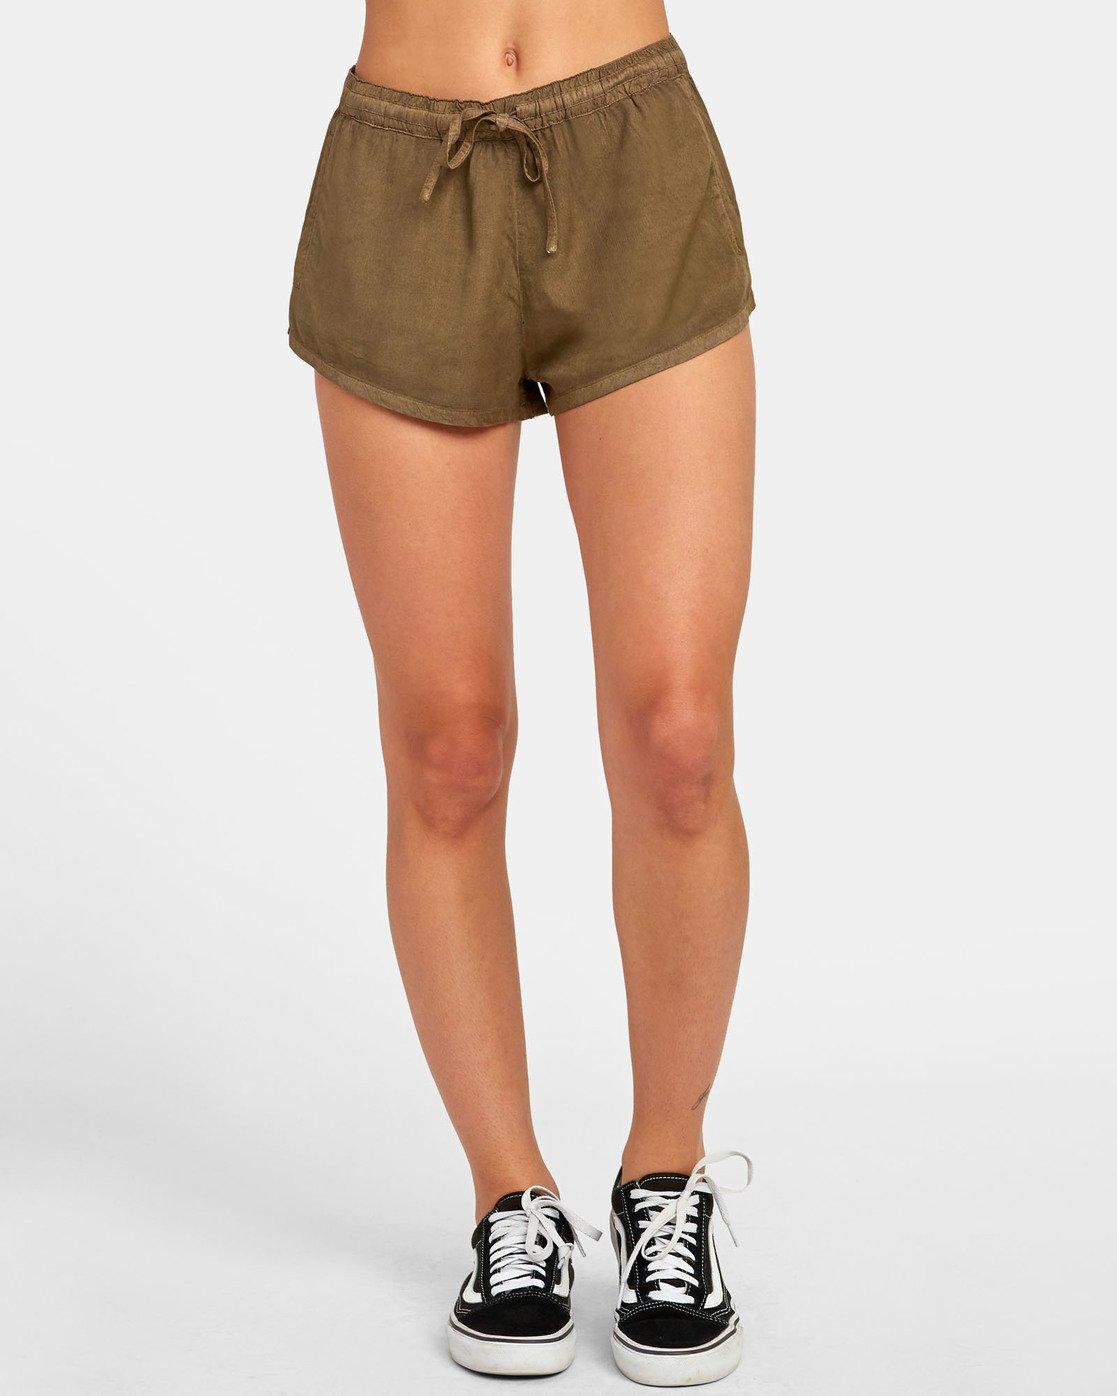 0 Camron - Short en toile à taille élastique pour Femme  S3WKRNRVP0 RVCA